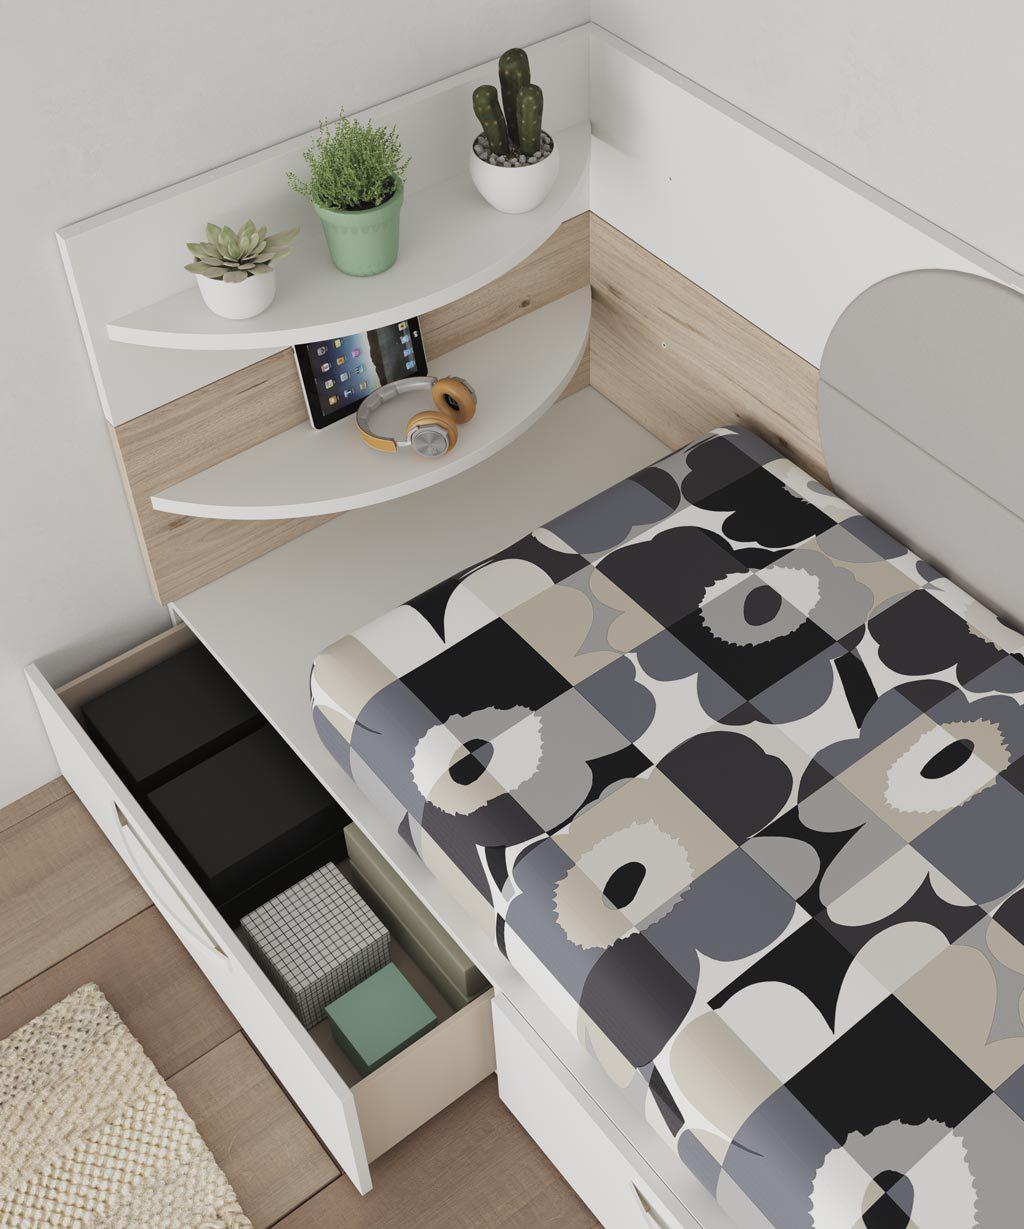 Estantes redondeados para complementar la cama de la colección NEST